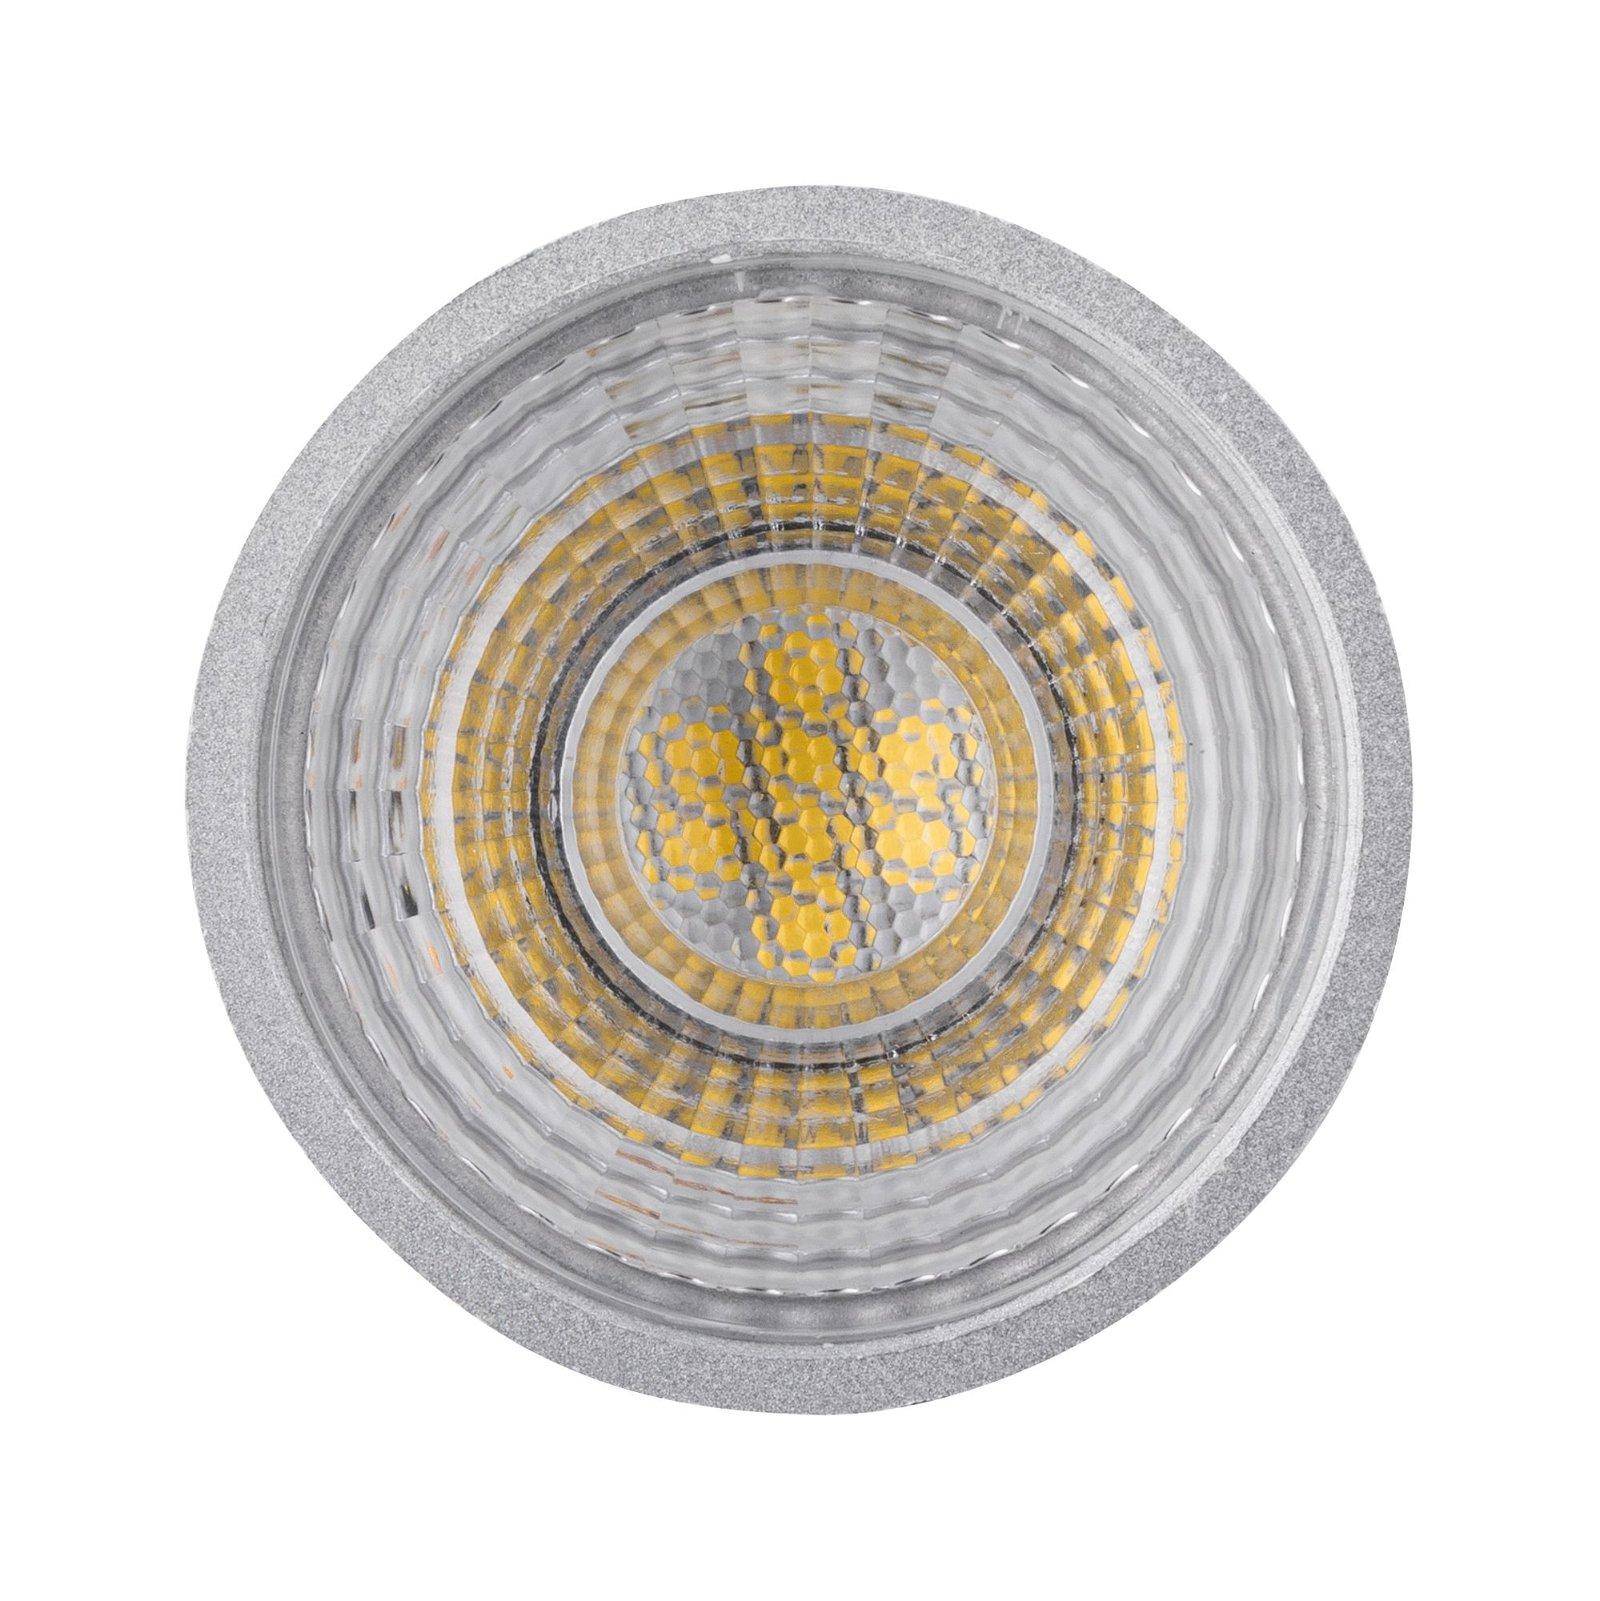 Réflecteur LED GU10 230V 460lm 7W 4000K Chrome mat